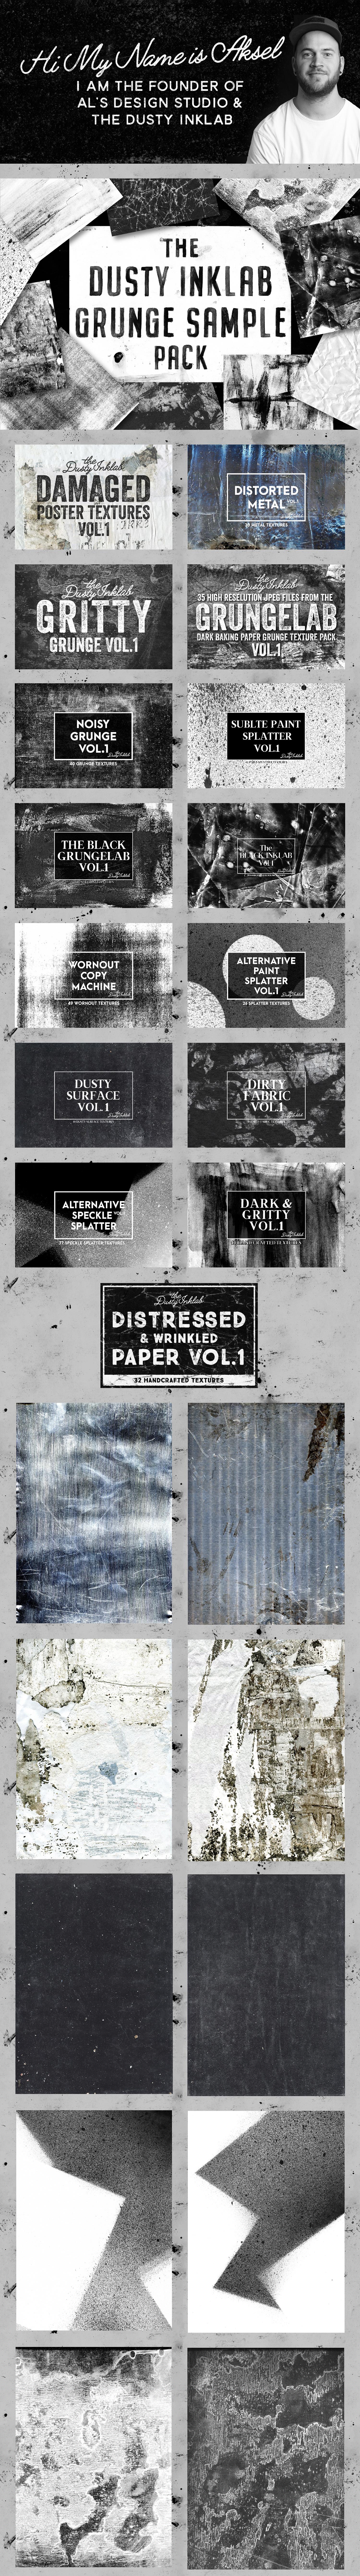 The Dusty Inklab Grunge Sample Pack 1.jpg